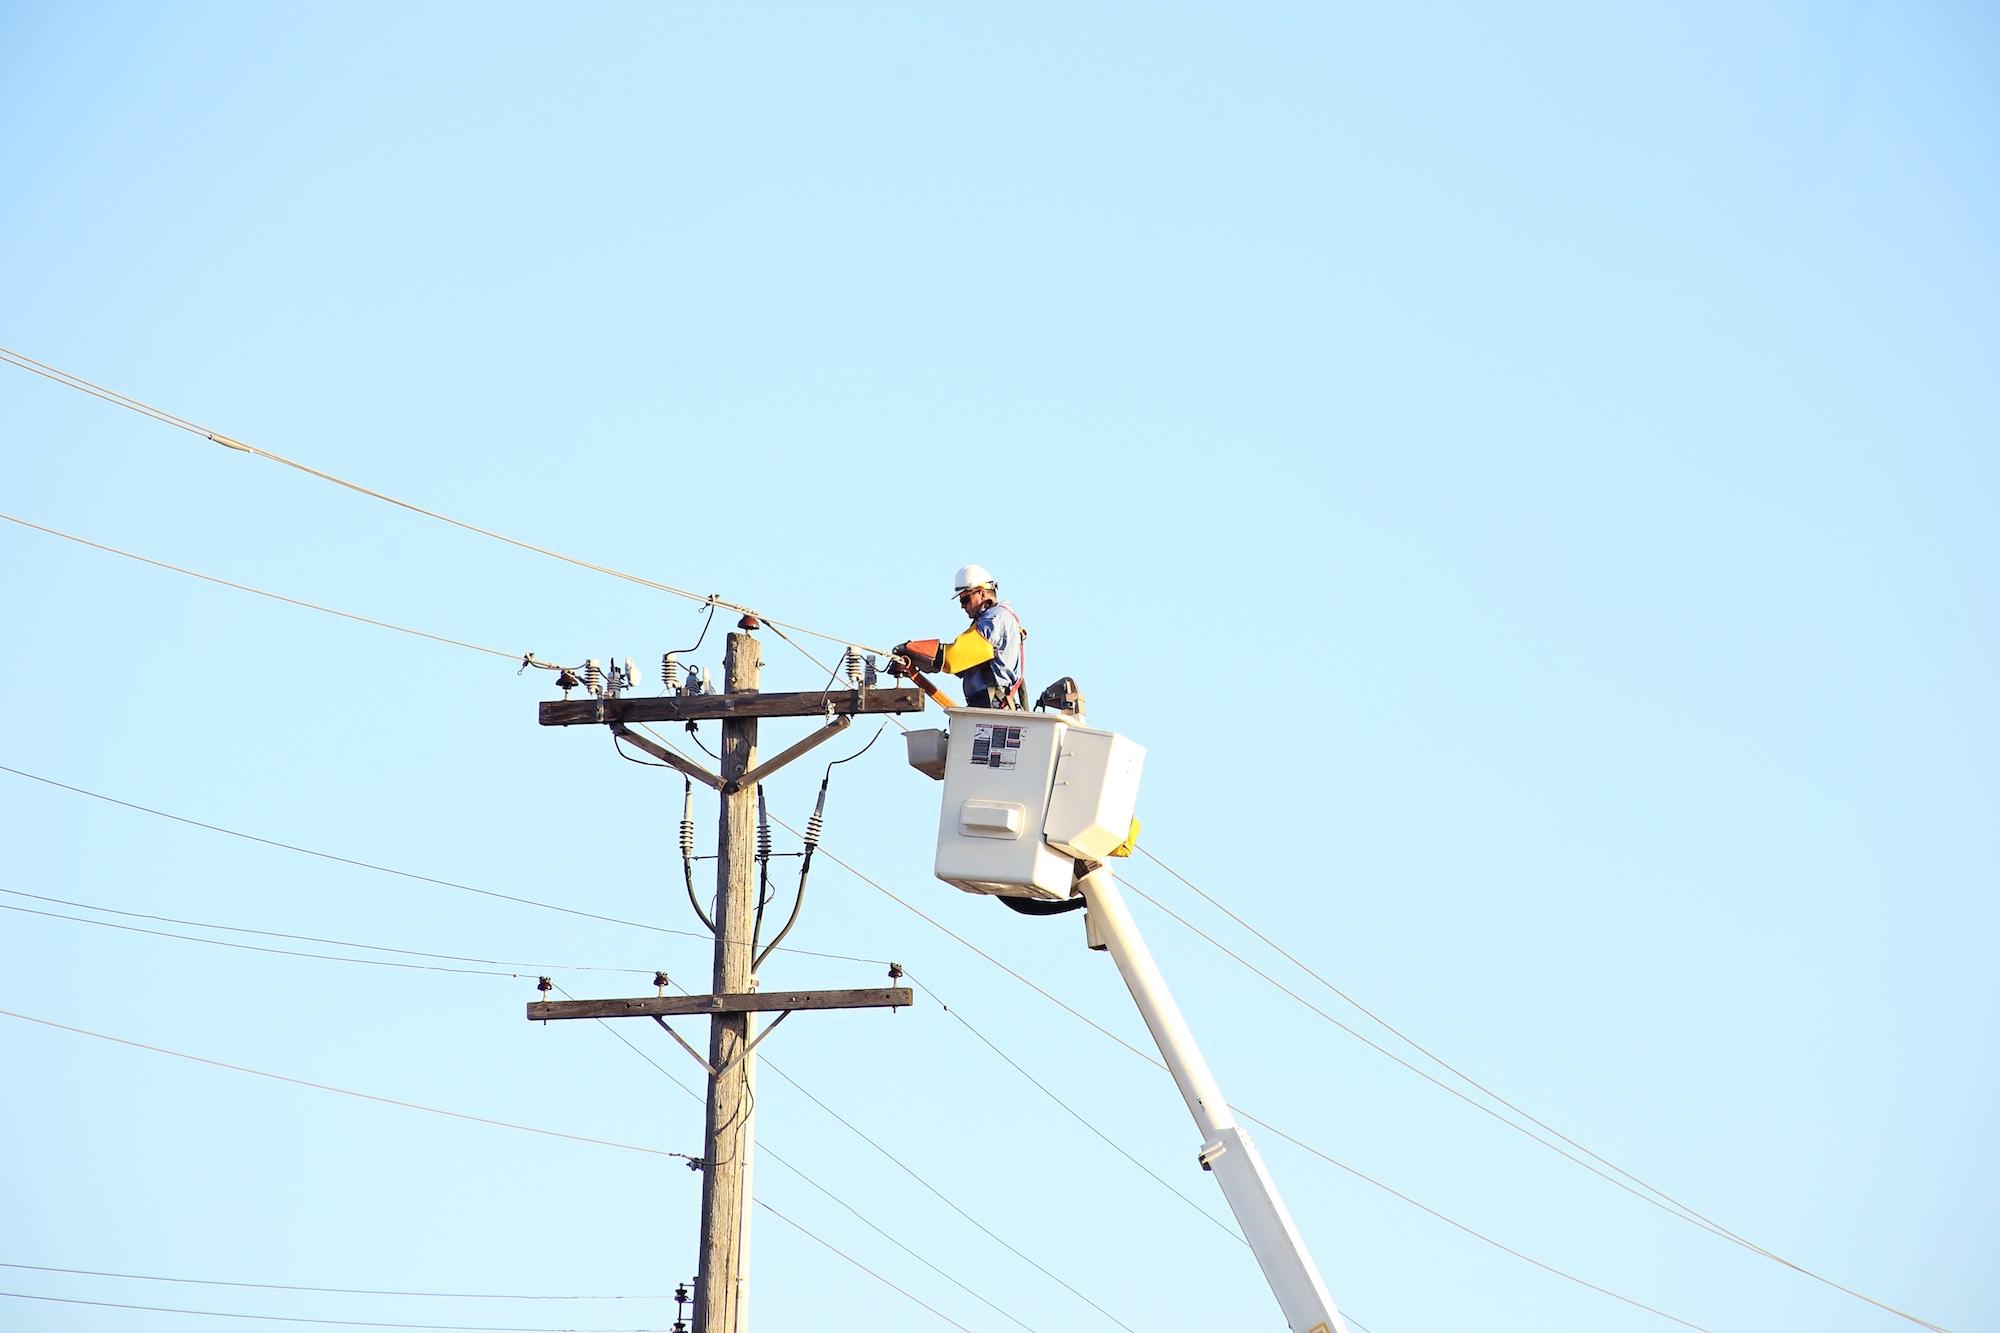 У Києві пропонують заряджати електромобілі від ліхтарів